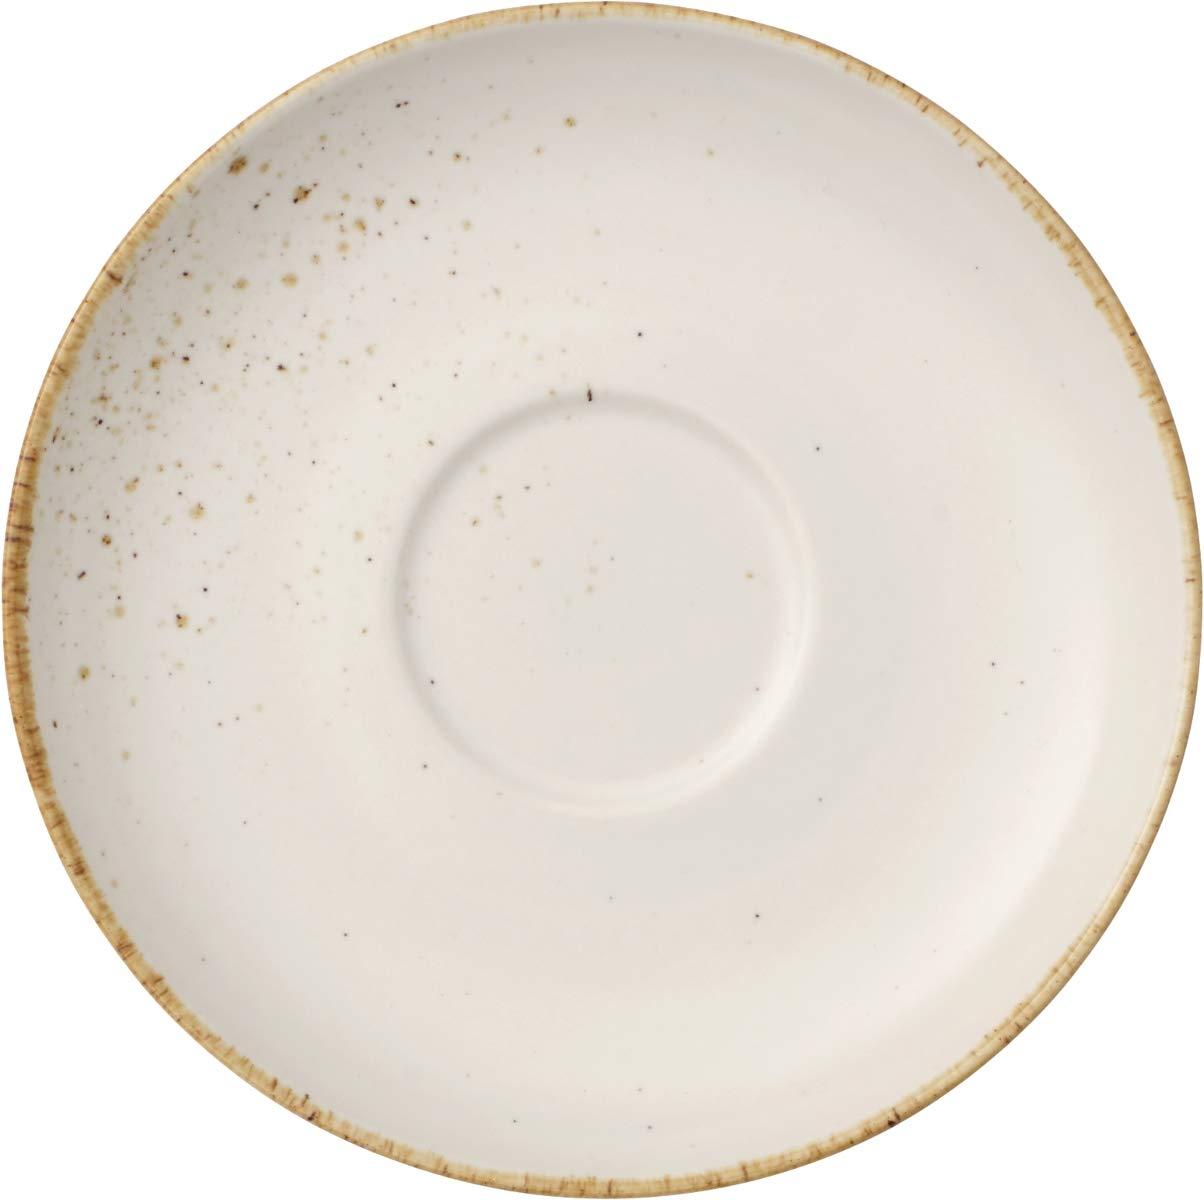 Vivo Villeroy /& Boch Group 1952691220 Stone Ware White Milchkaffeeuntertasse 17,5 cm 1 St/ück